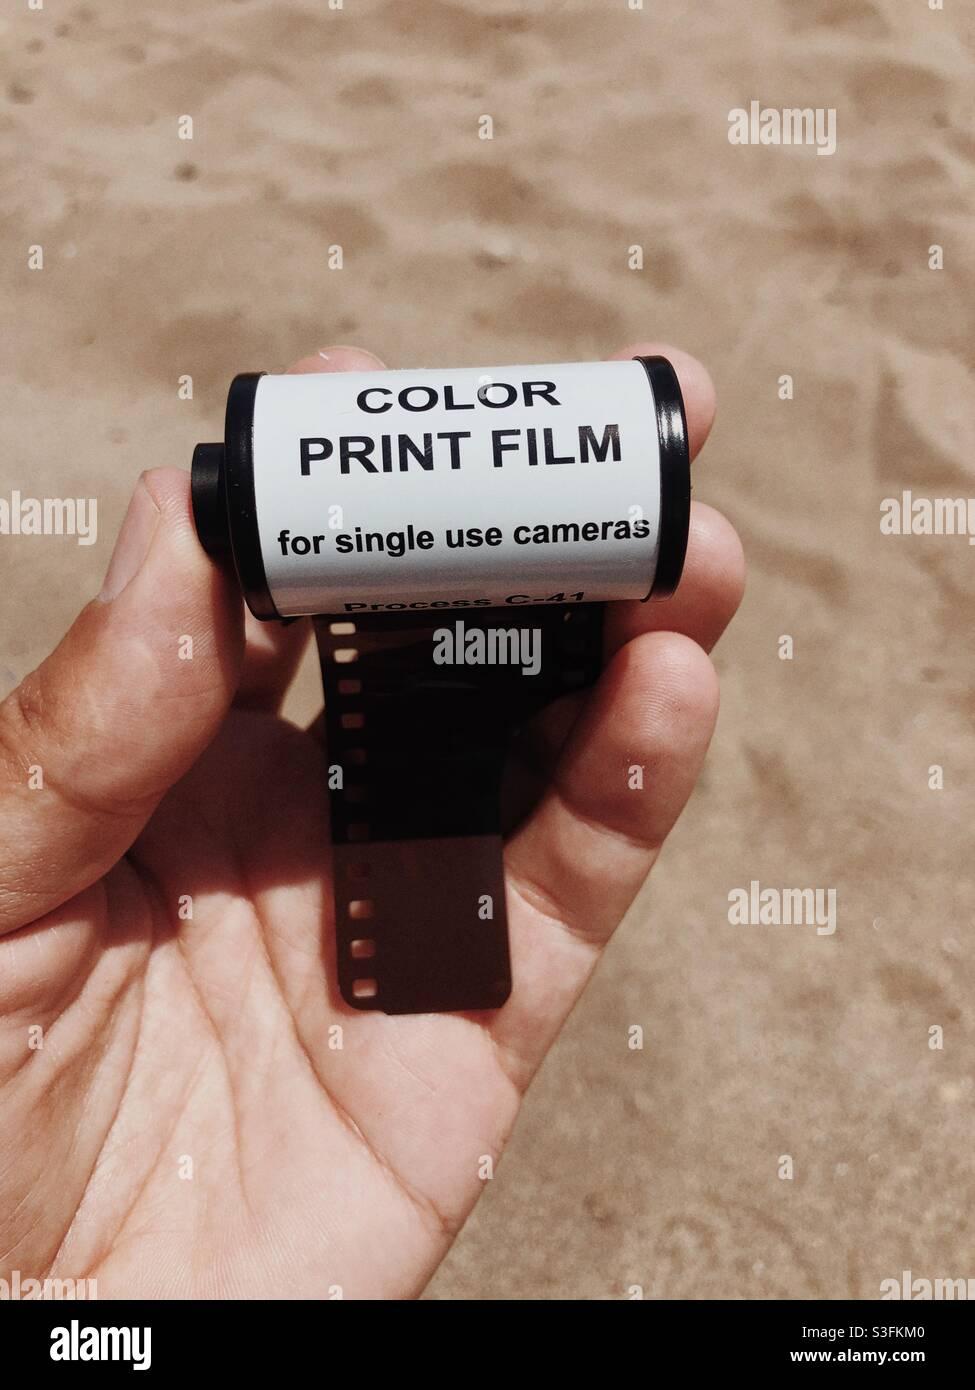 Eine Rolle 35-mm-Farbfilm auf der Hand gegen Sand Hintergrund Stockfoto